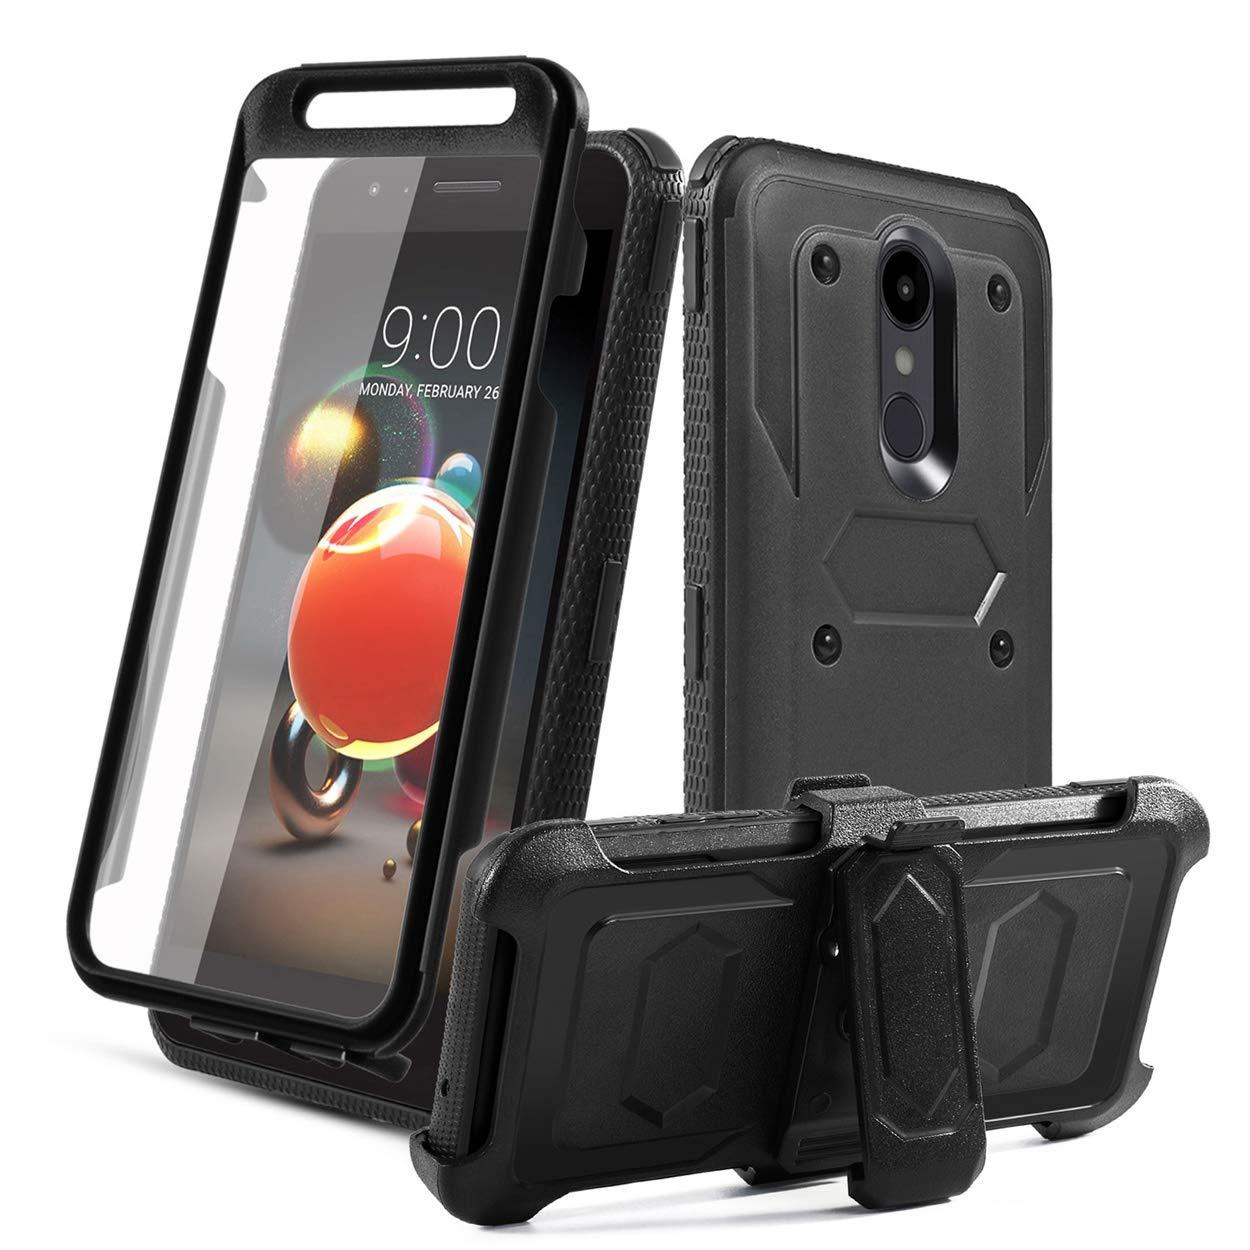 LG Aristo 2 Case,LG Aristo 3/Tribute Empire/LG K8S/Rebel 4/Tribute Dynasty/Zone 4/Aristo 2 Plus/Fortune 2/Risio 3/K8 2018/Phoenix 4 Case,[Built-in Screen Protector] Kickstand Swivel Belt Clip-Black